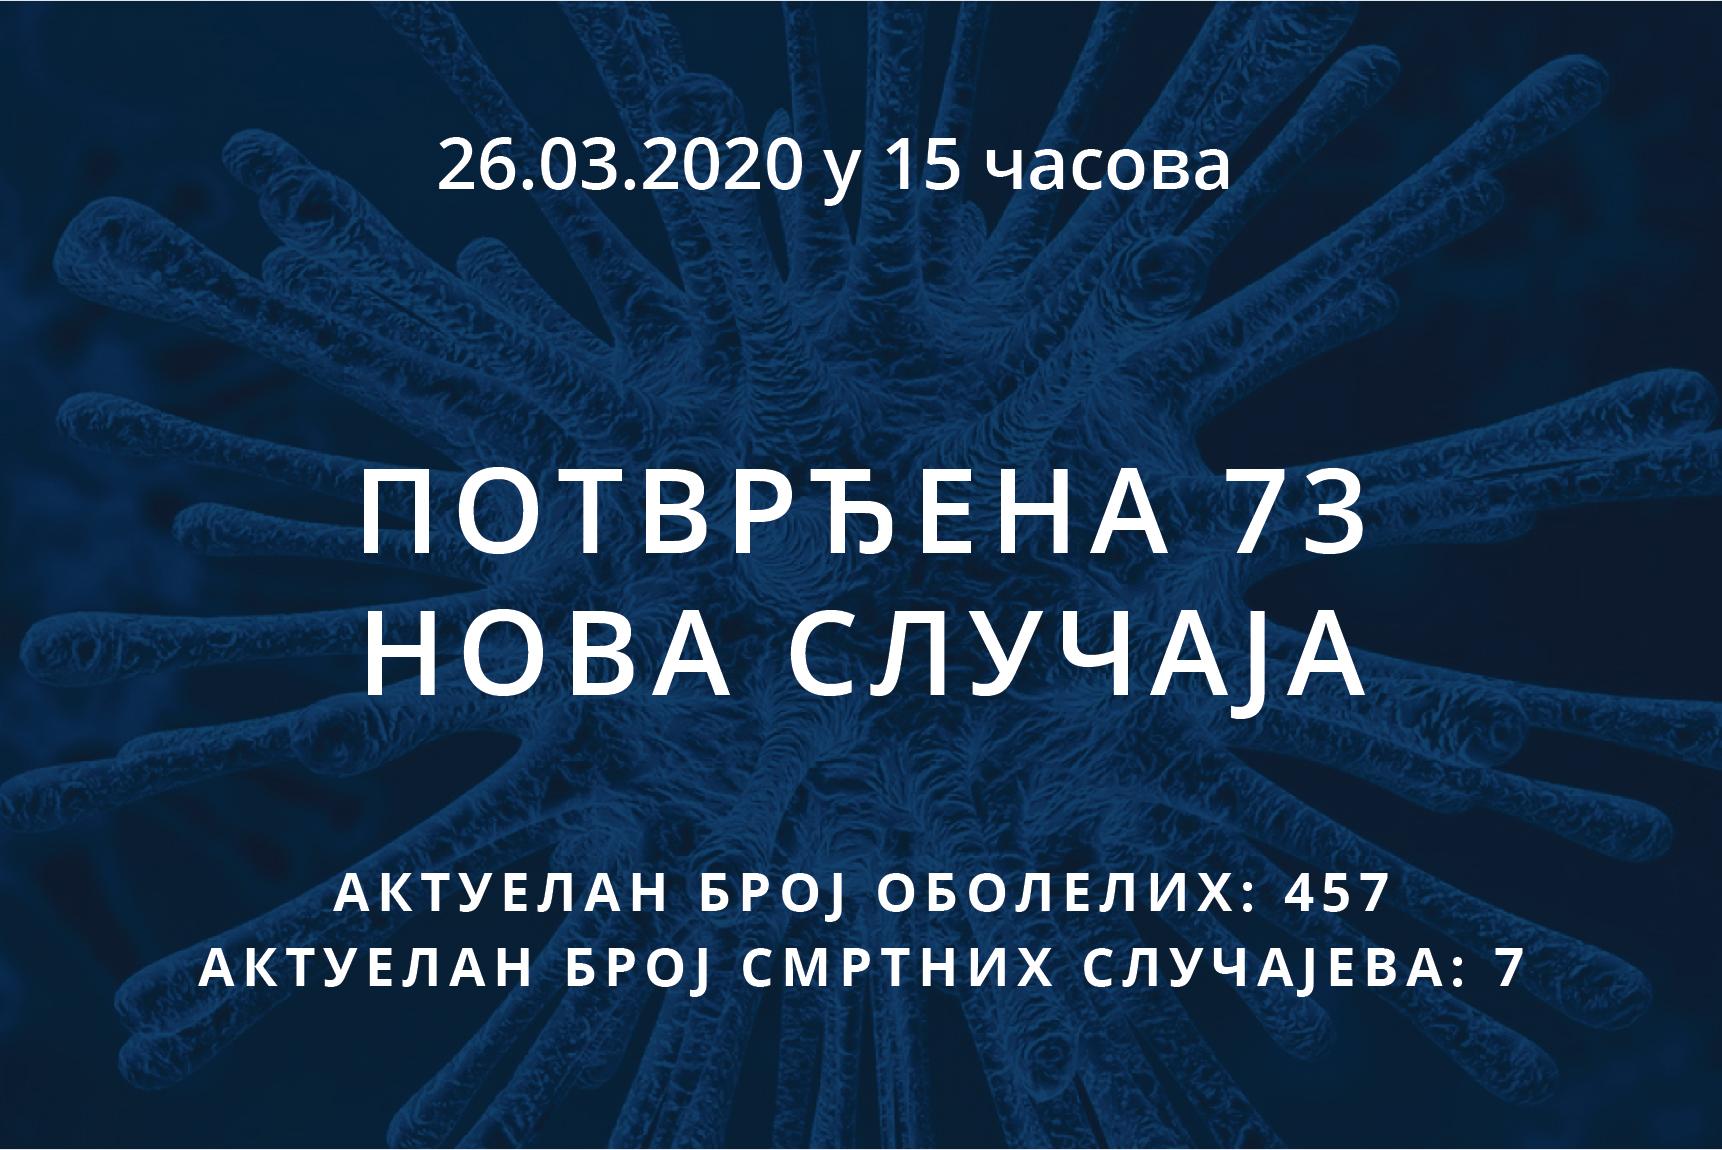 Информације о корона вирусу COVID-19, 26.03.2020 у 15 часова